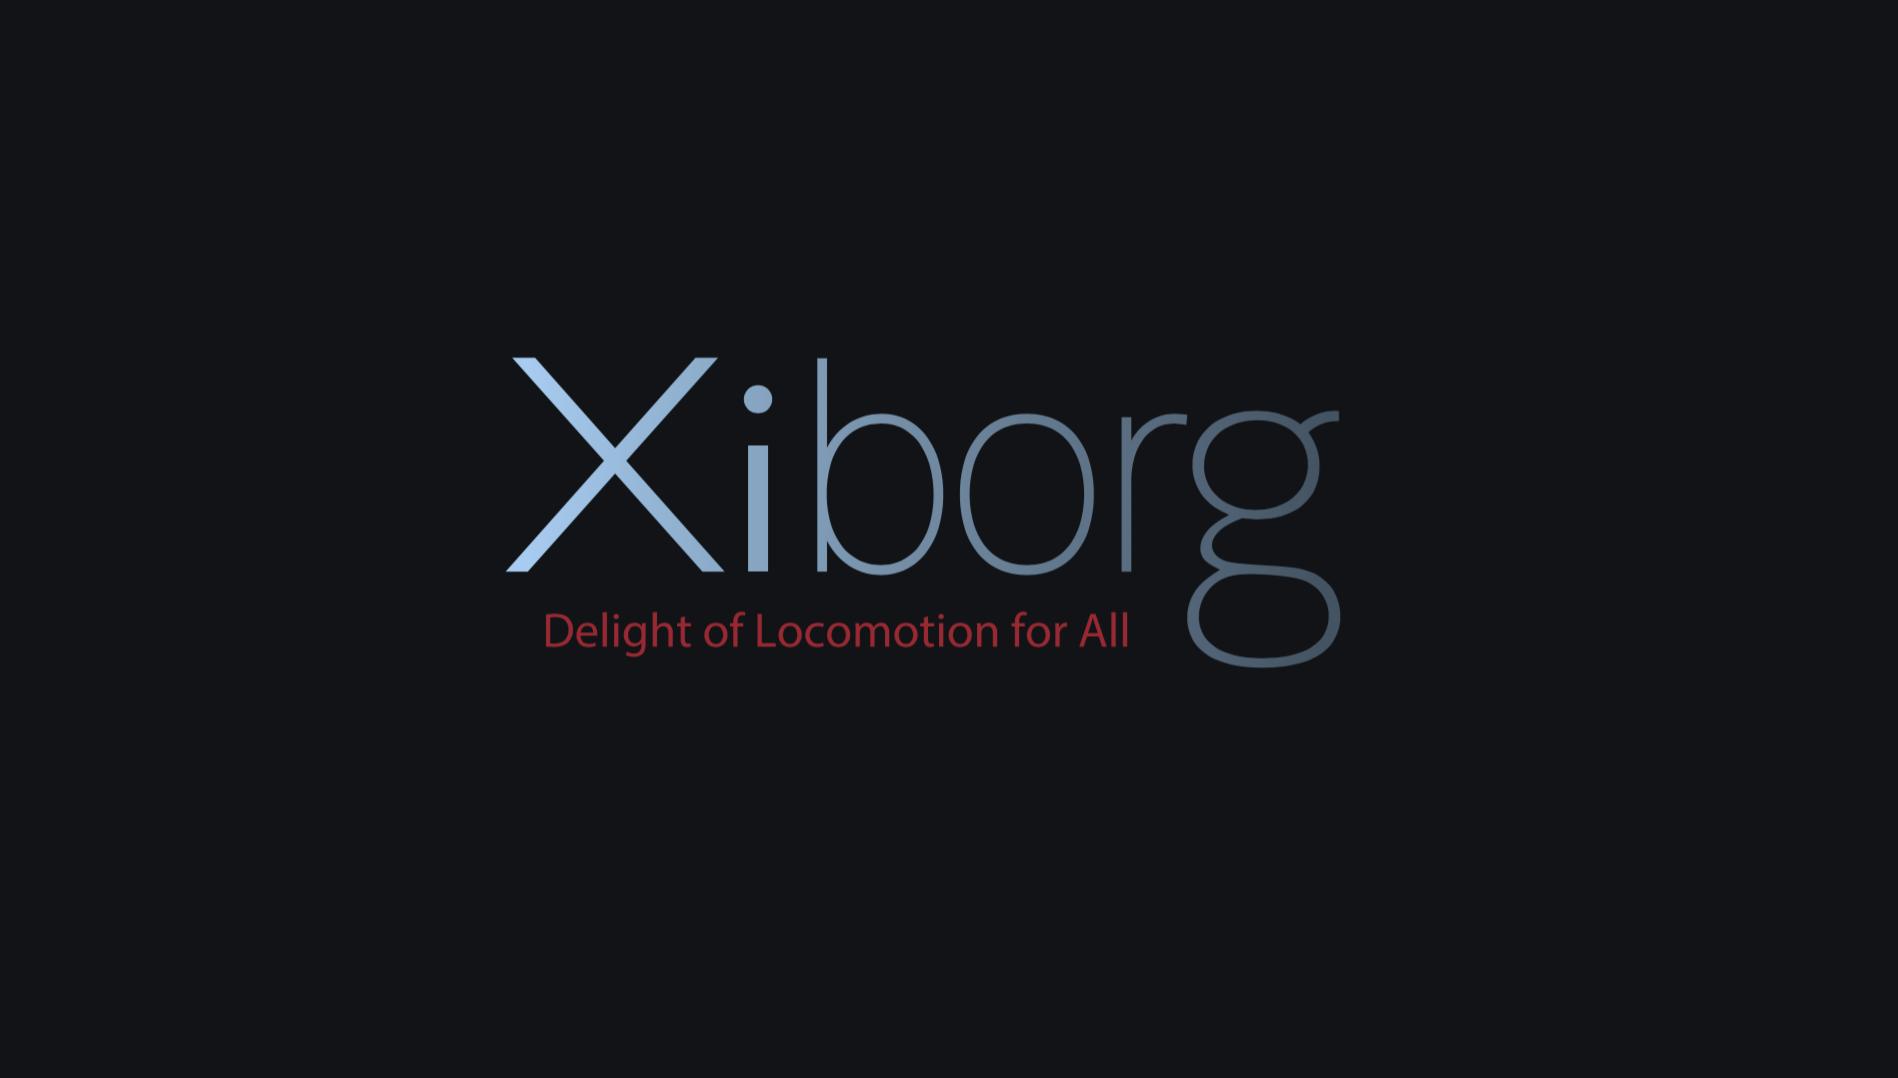 xiborg